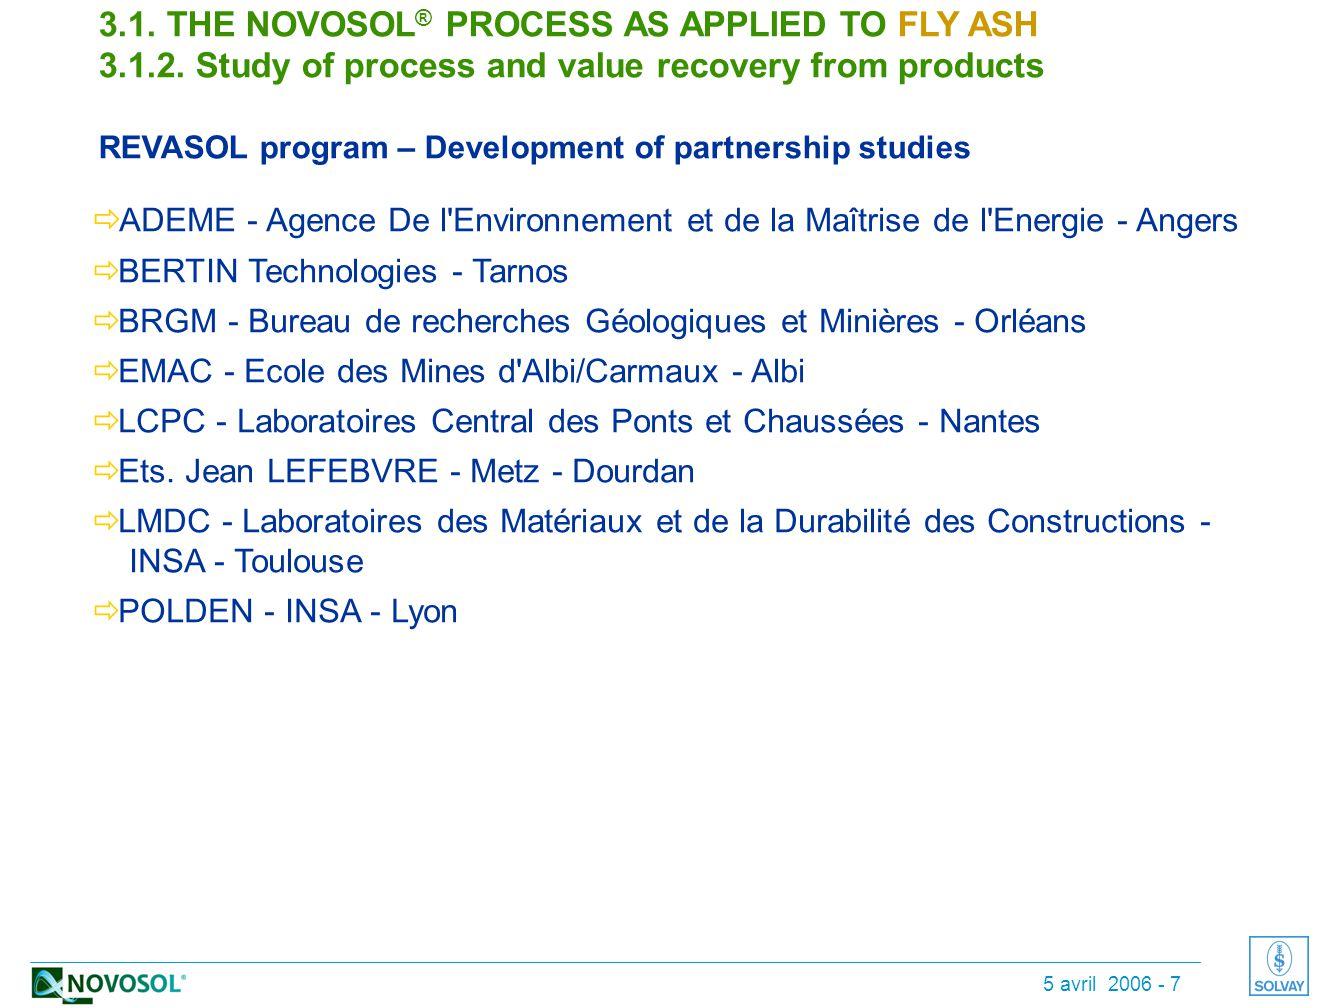 5 avril 2006 - 7  ADEME - Agence De l Environnement et de la Maîtrise de l Energie - Angers  BERTIN Technologies - Tarnos  BRGM - Bureau de recherches Géologiques et Minières - Orléans  EMAC - Ecole des Mines d Albi/Carmaux - Albi  LCPC - Laboratoires Central des Ponts et Chaussées - Nantes  Ets.